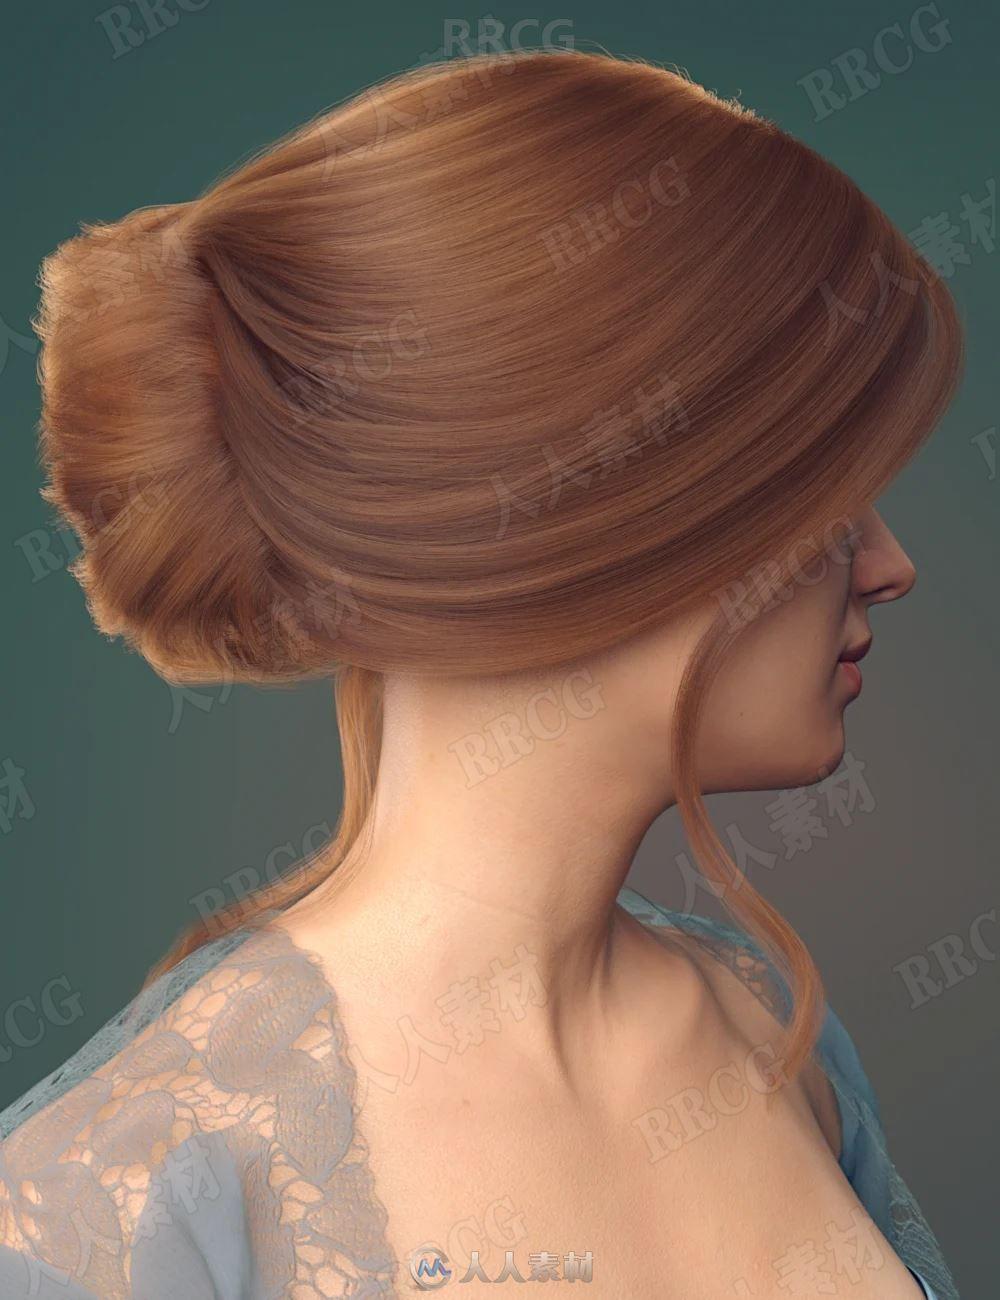 优雅时尚女性盘发发色3D模型合集